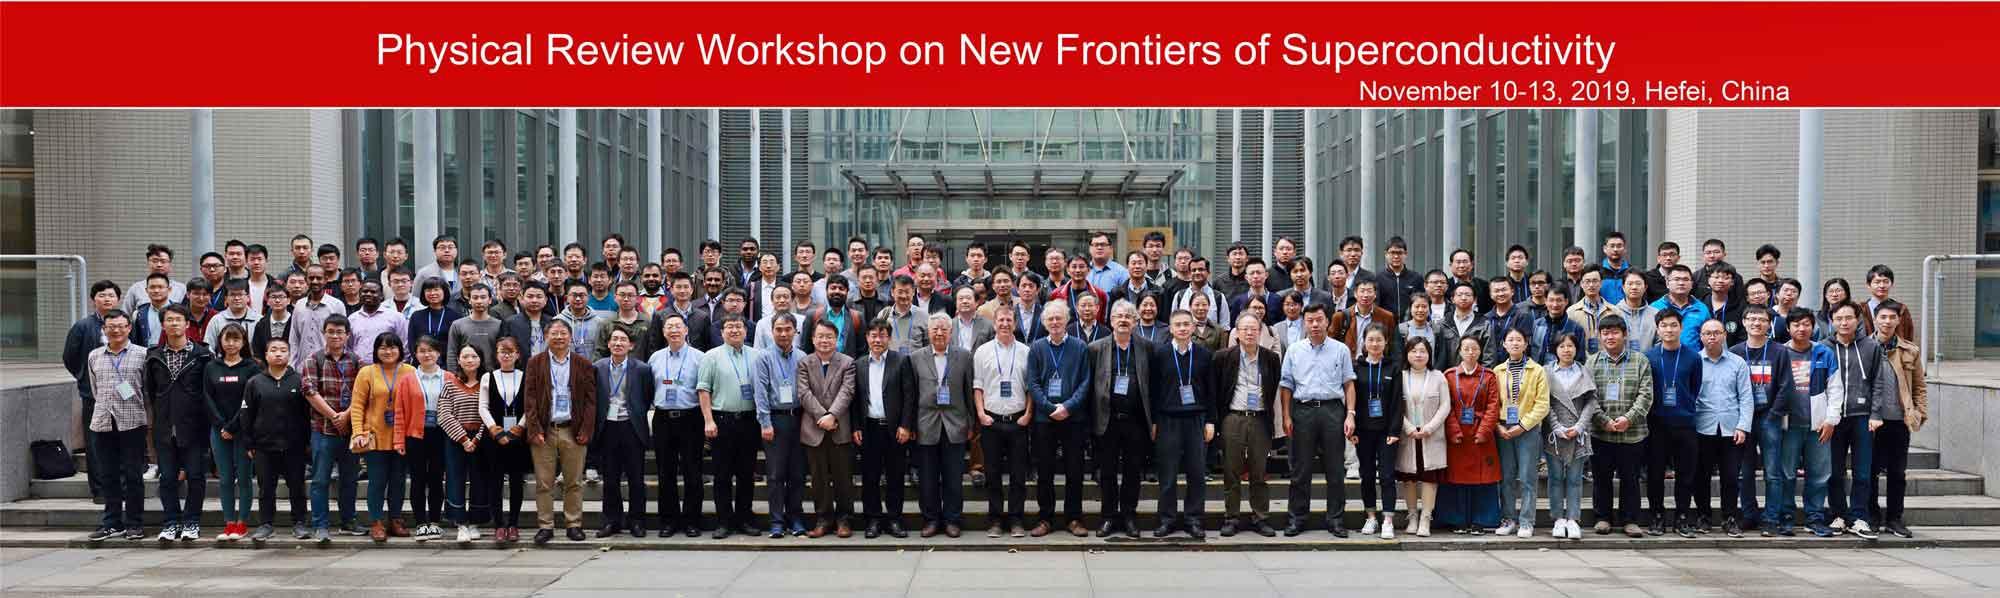 中科大:物理评论系列会议超导新前沿国际研讨会成功在中国科大举办